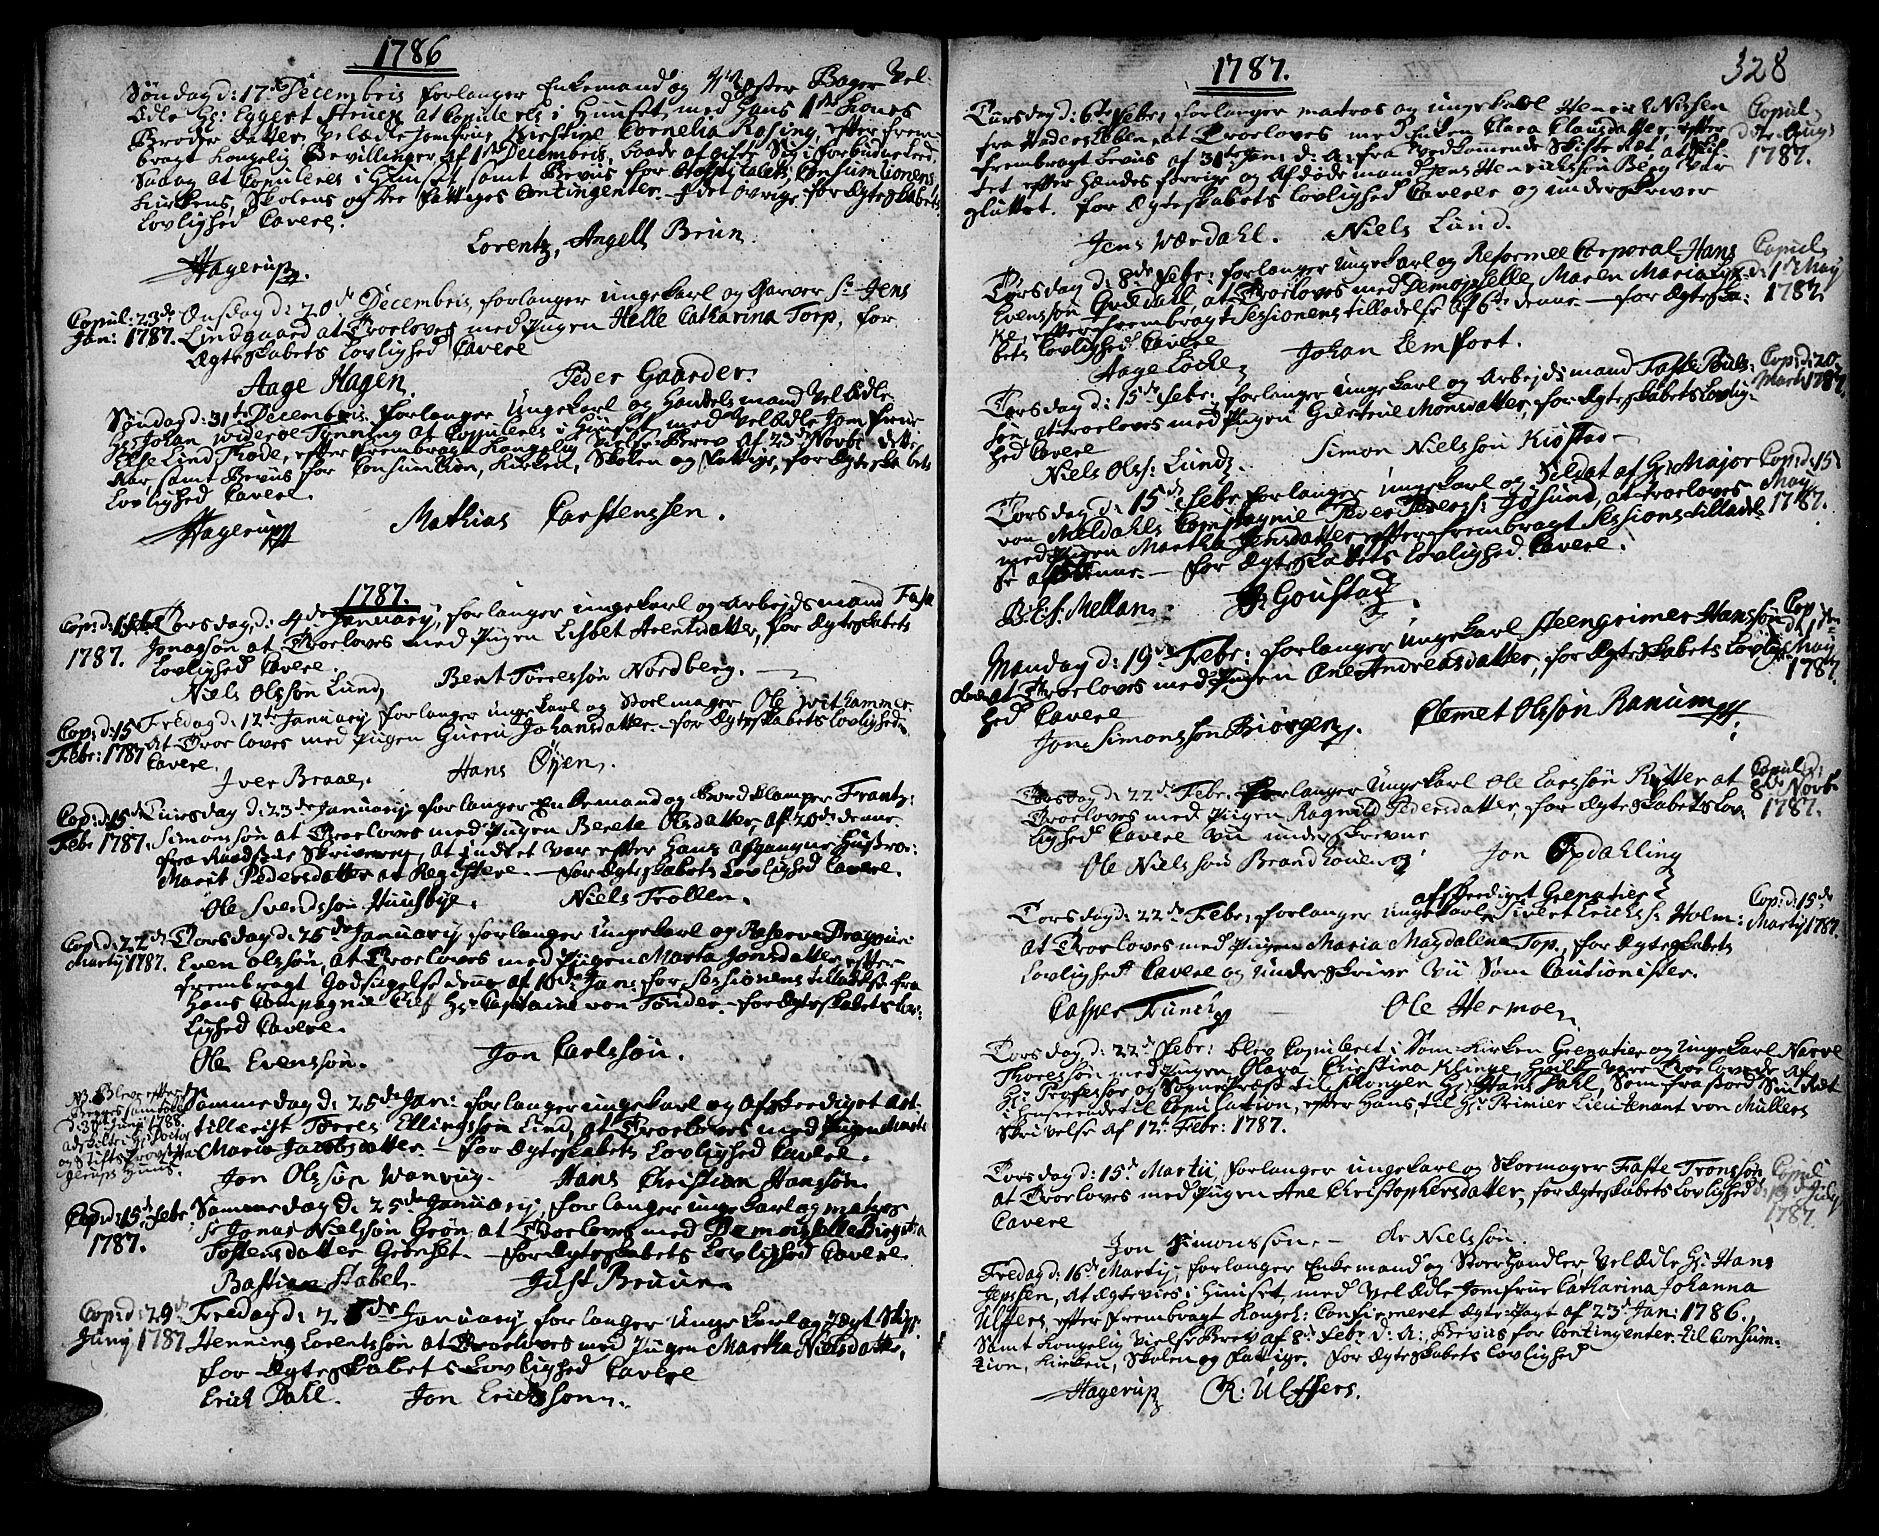 SAT, Ministerialprotokoller, klokkerbøker og fødselsregistre - Sør-Trøndelag, 601/L0038: Ministerialbok nr. 601A06, 1766-1877, s. 328